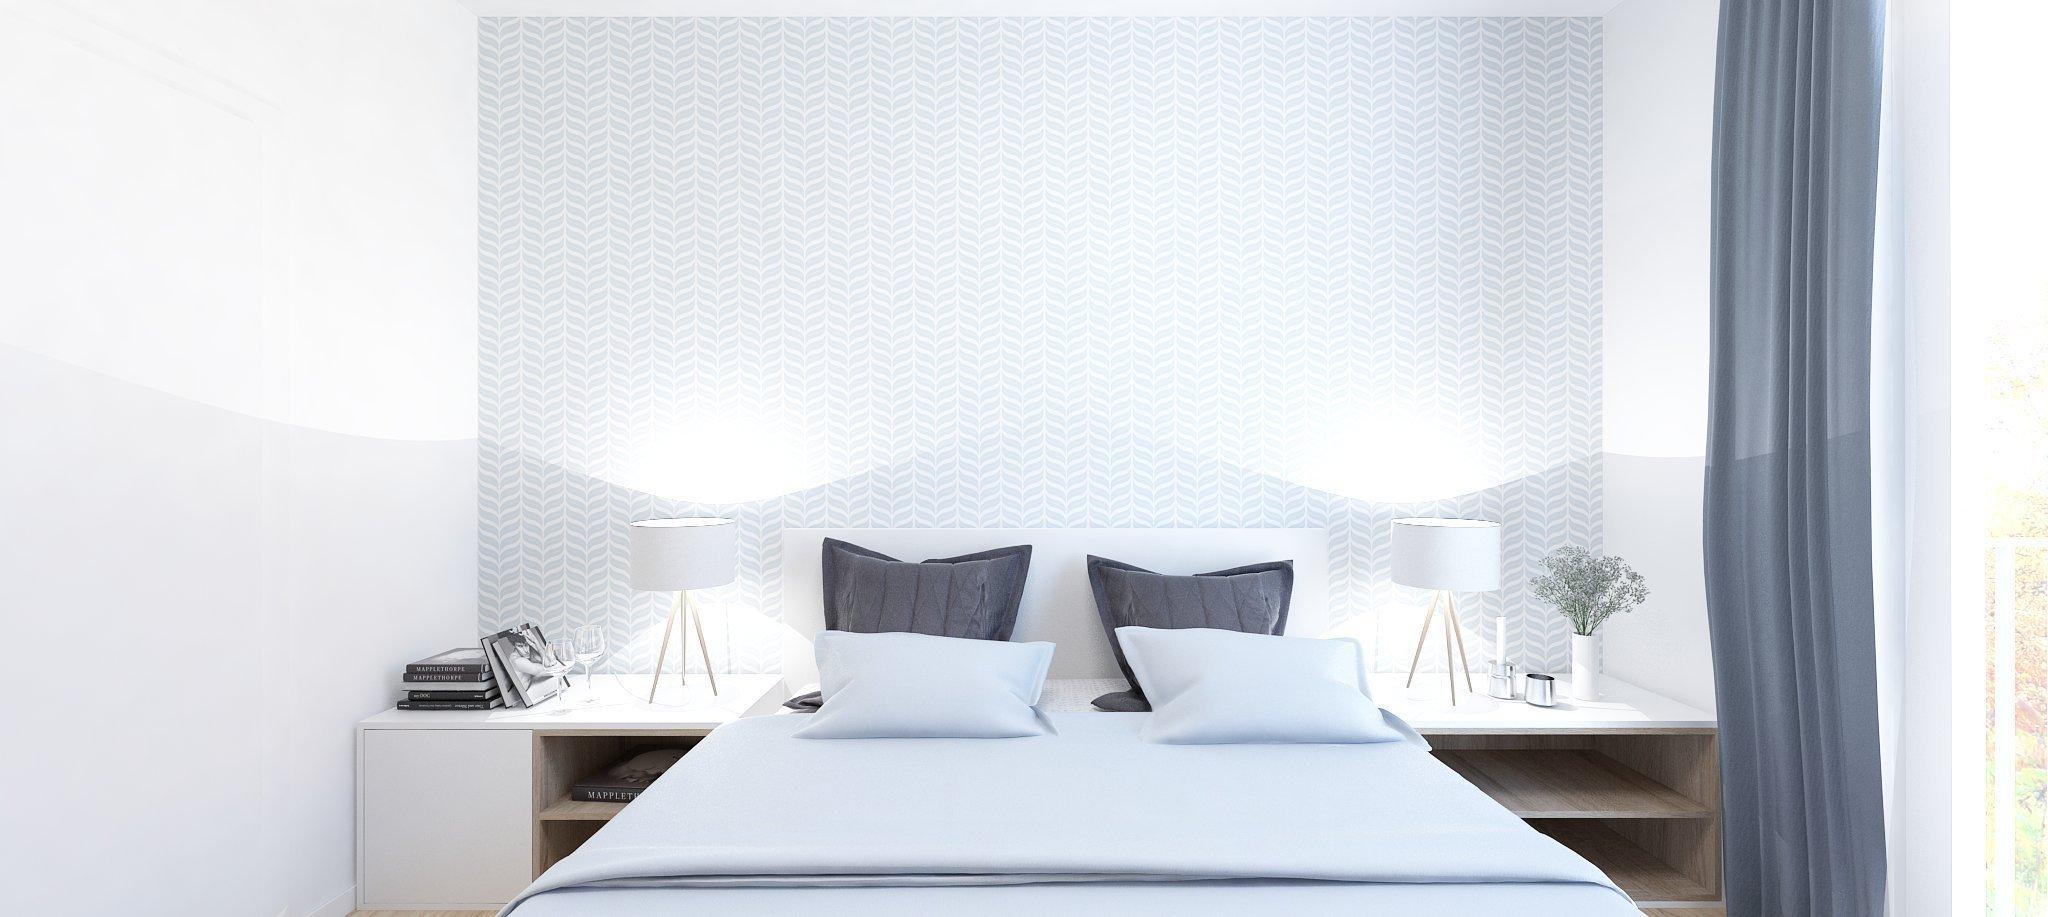 Nový projekt v obľúbenom komplexe Slnečnice v sebe spája eleganciu belasej farby s drevom. Biele steny oživujú tapety s jemným vzorom či betónová stierka.…